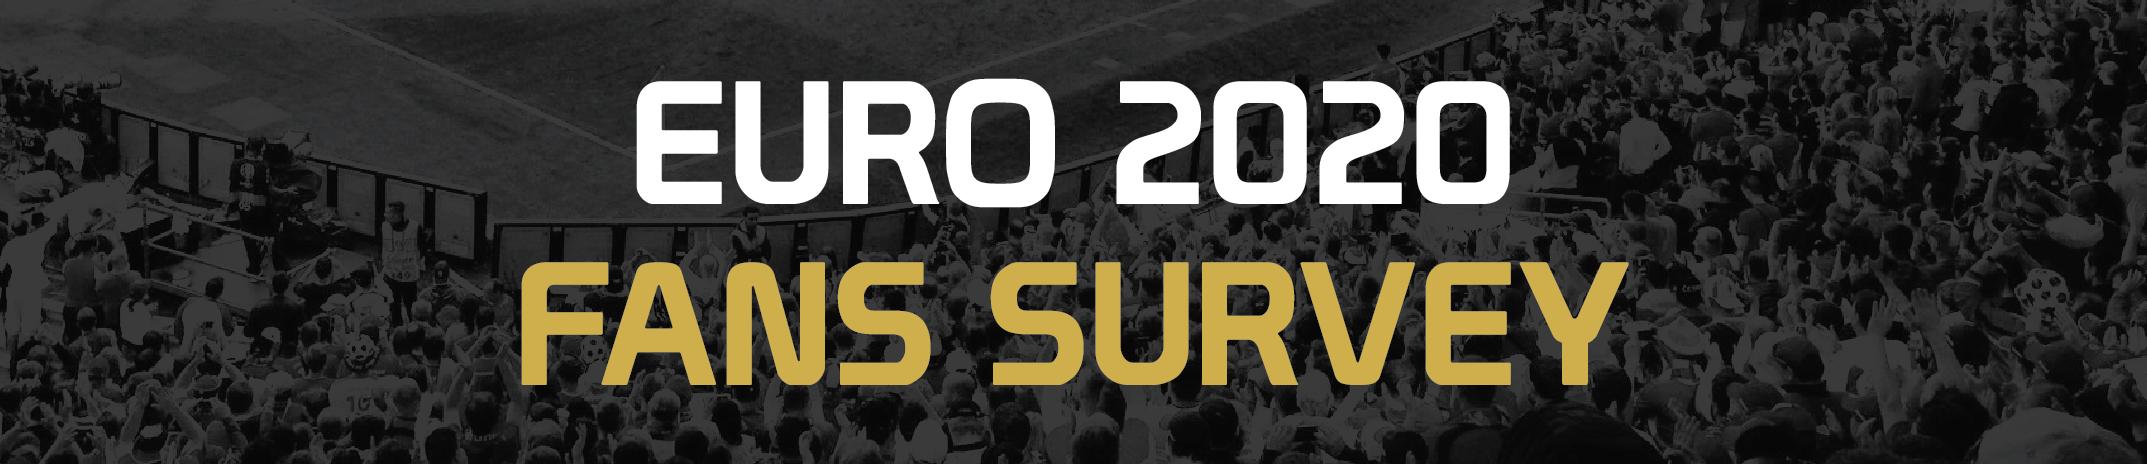 FE Fans Survey EURO 2020